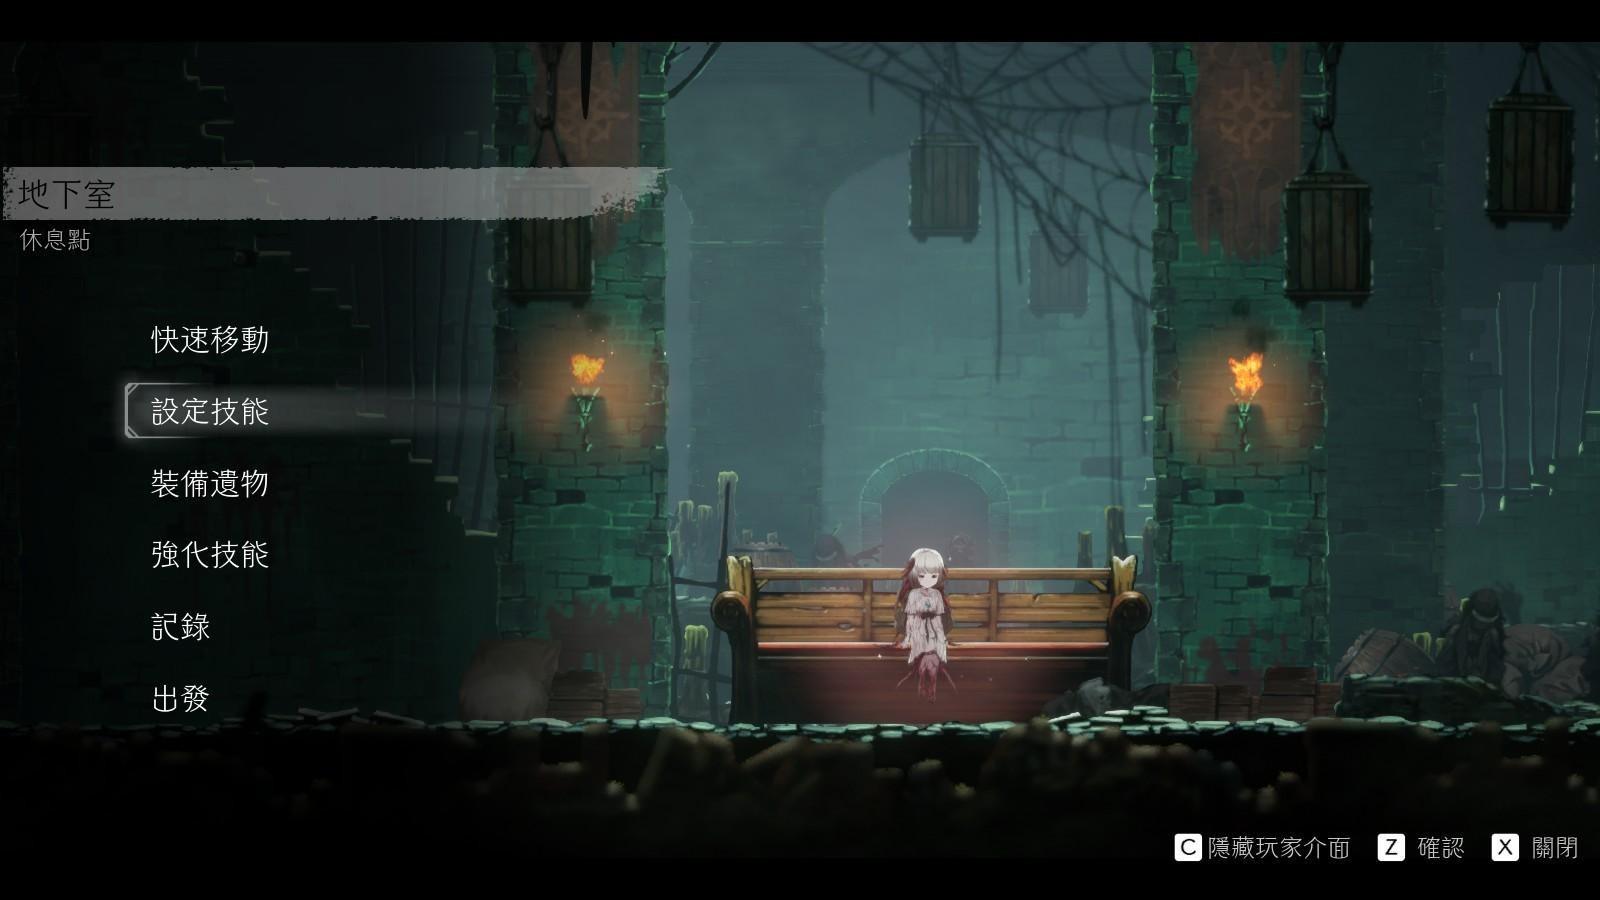 游戏《终结者莉莉:骑士救赎》体验过后关于小地图的一些迭代看法 (7)